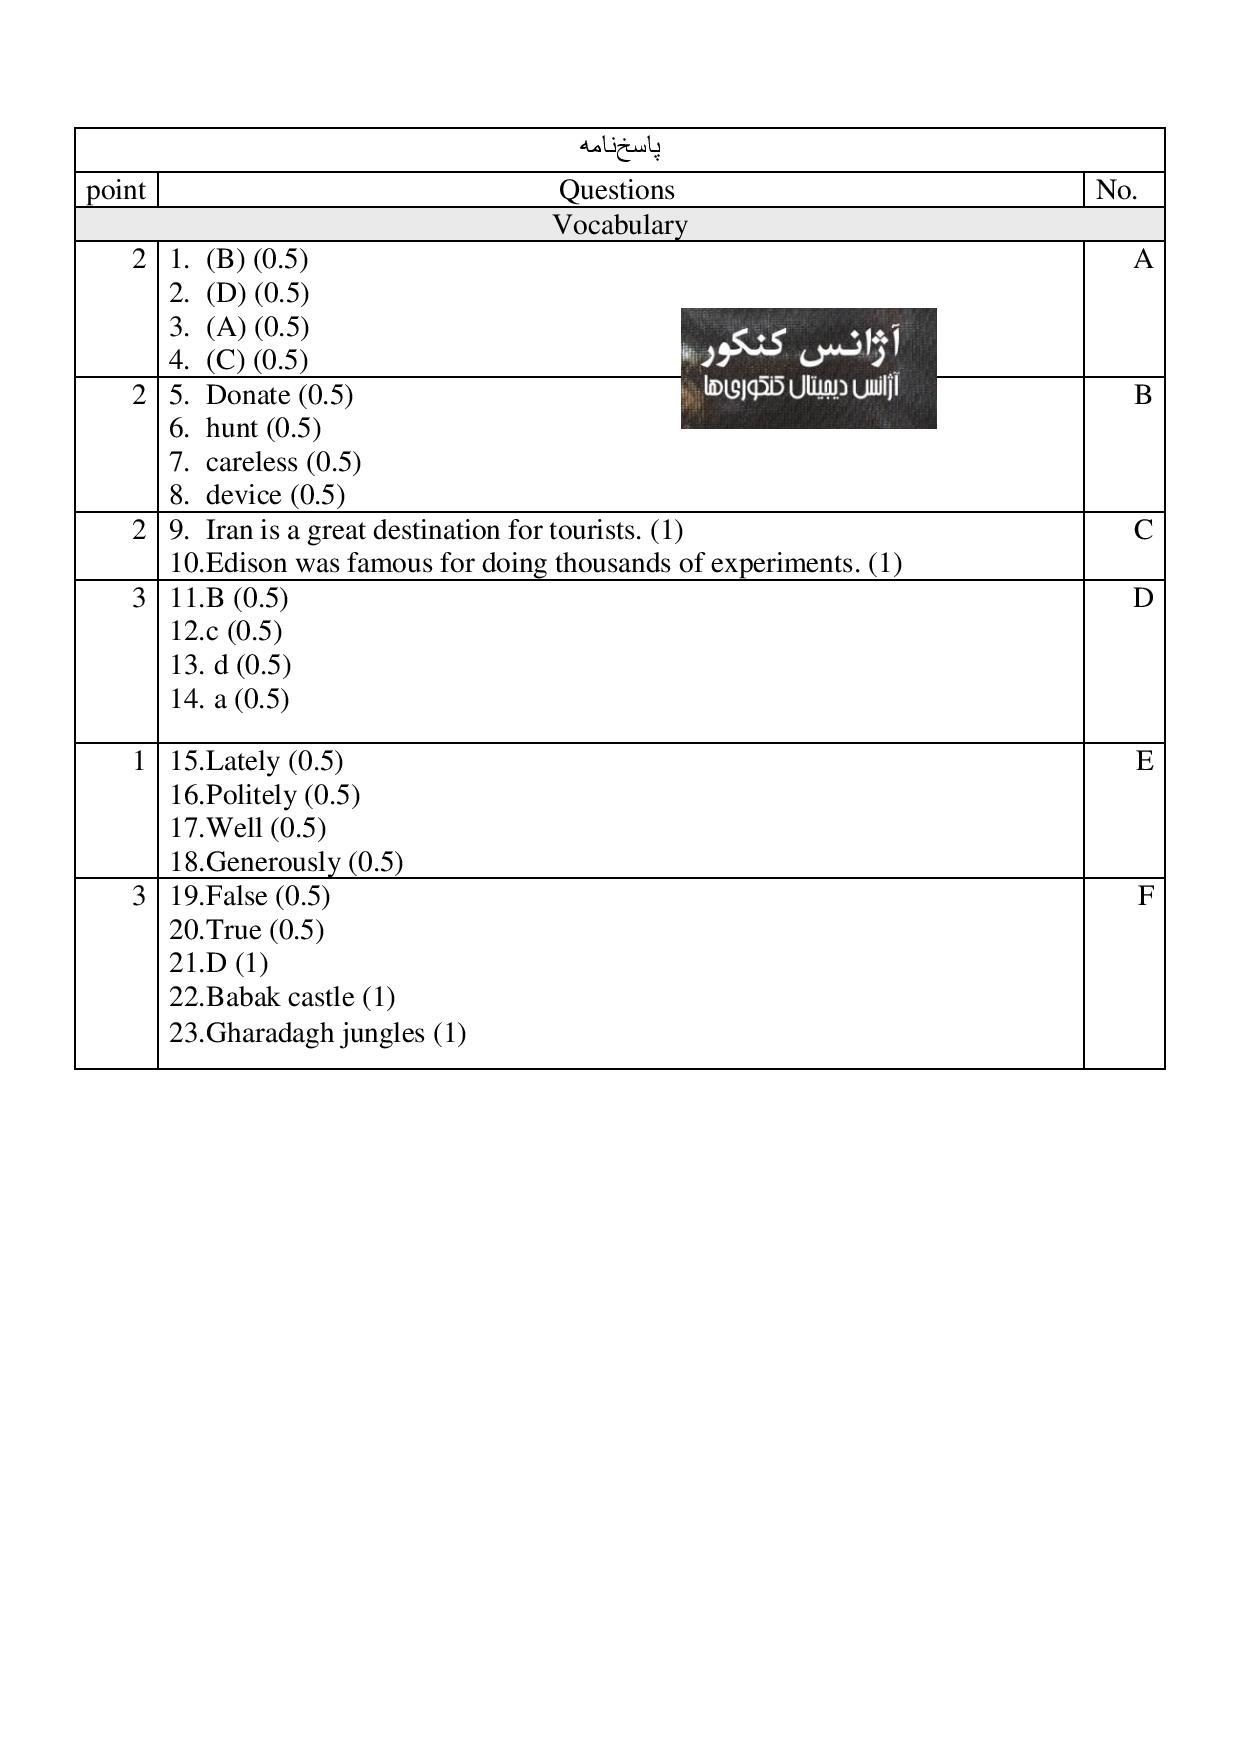 عکس-page-003 (2)